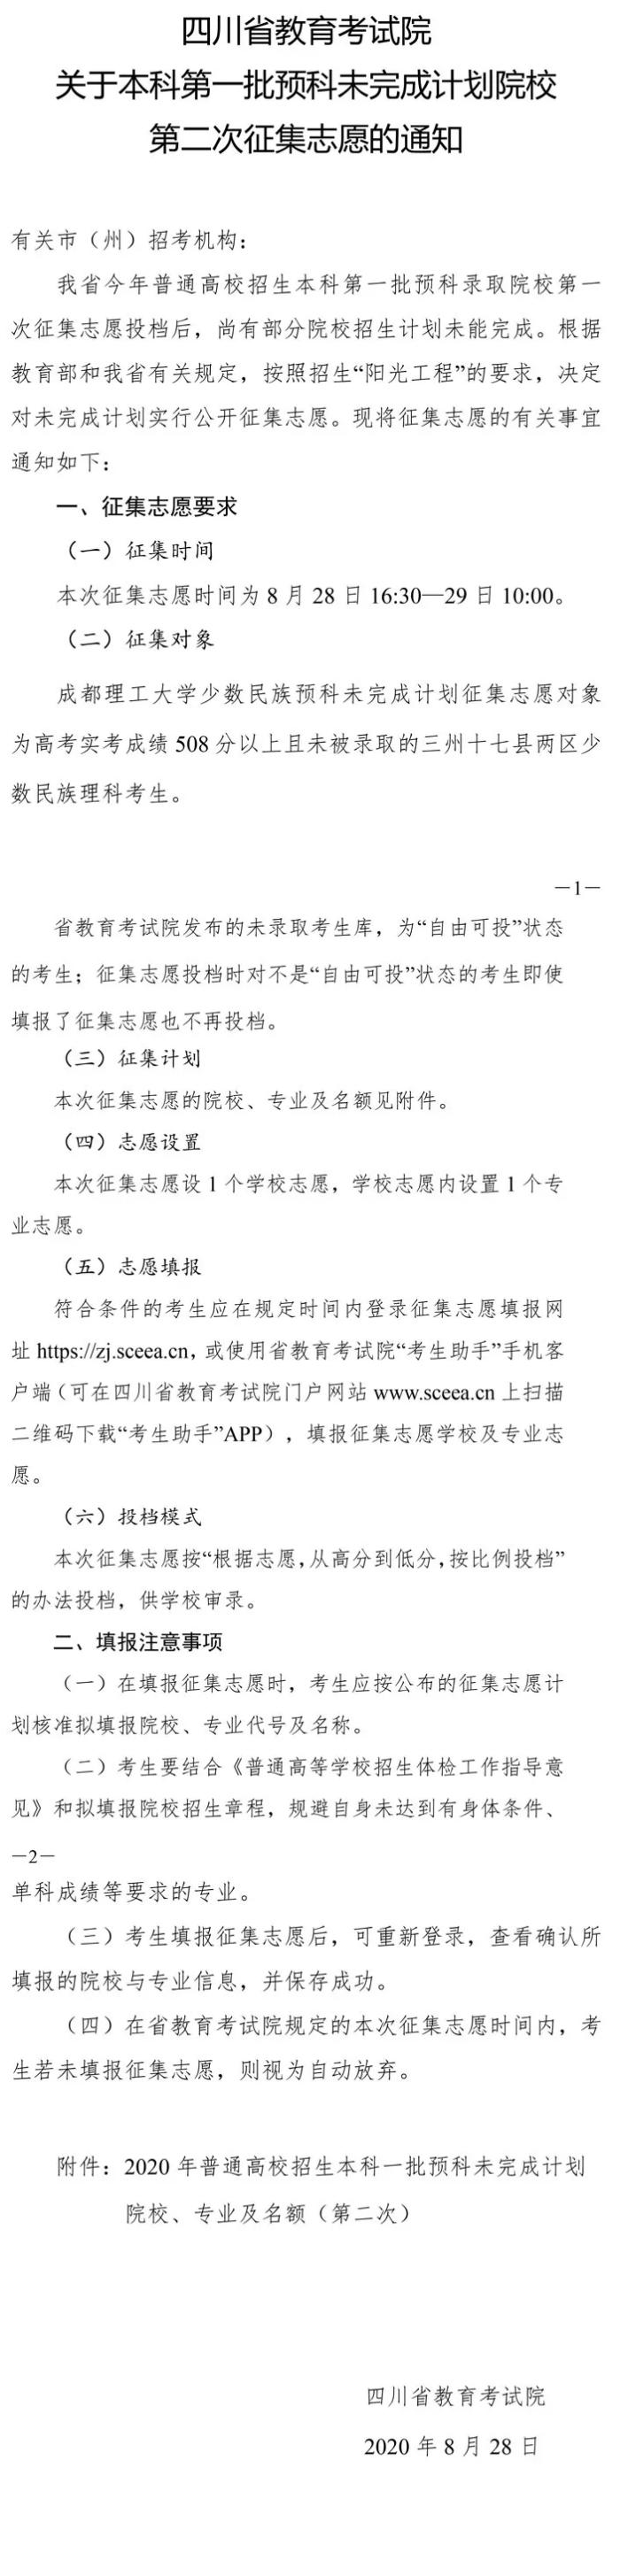 四川2020�P于本科第一批�A科未完成���院校第二次征集志愿的通知